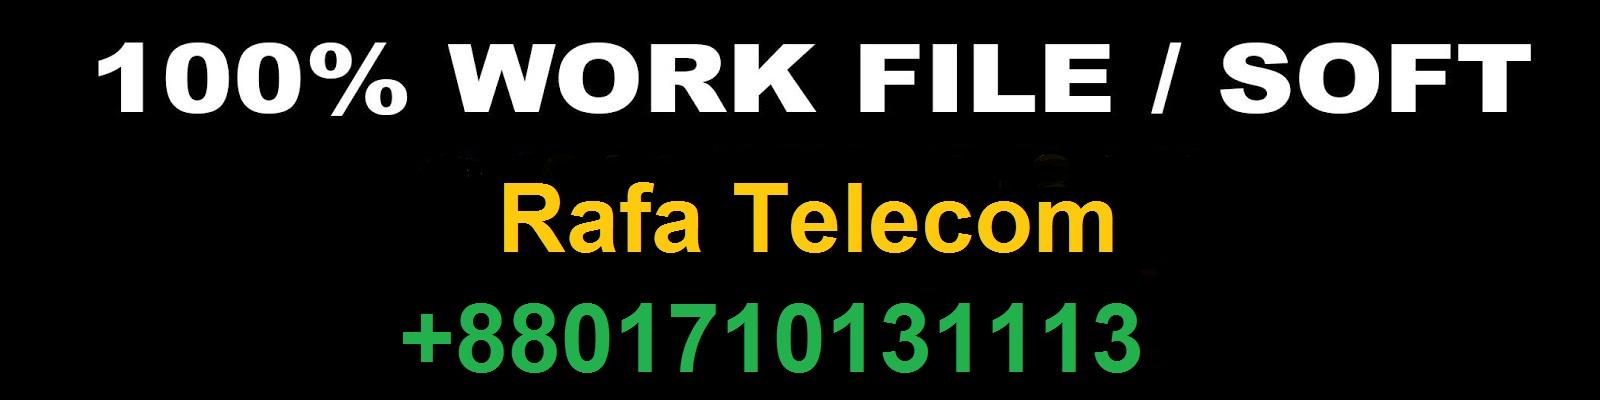 Rafa Telecom Sylhet All Symphony Firmware, Walton Firmware, Maximus